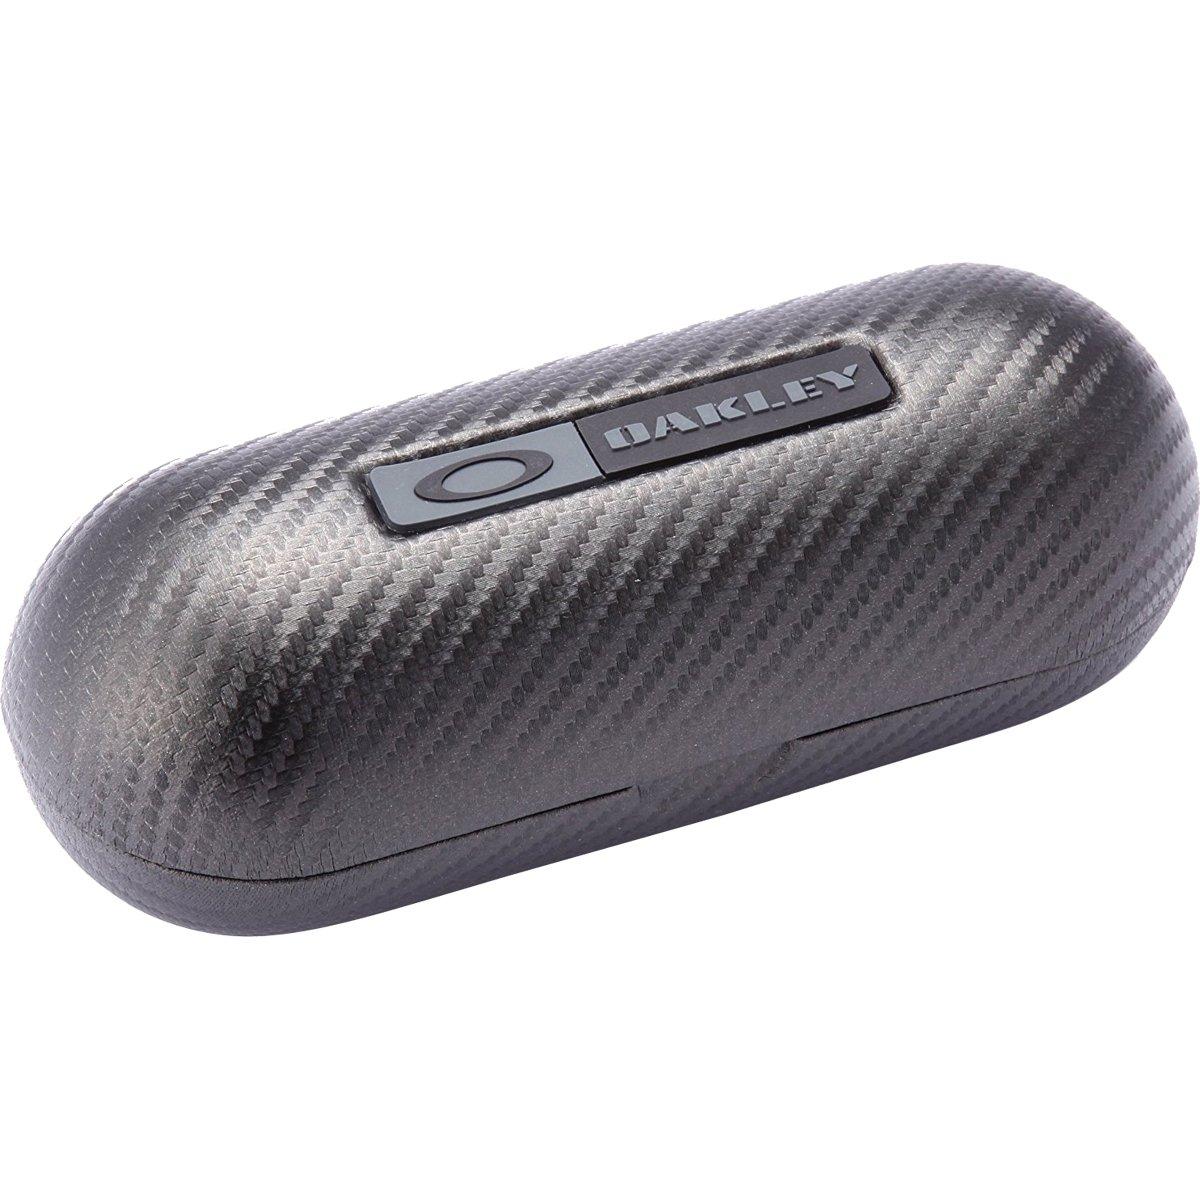 Oakley Large Carbon Sunglass Case, Carbon Fiber, Large by Oakley